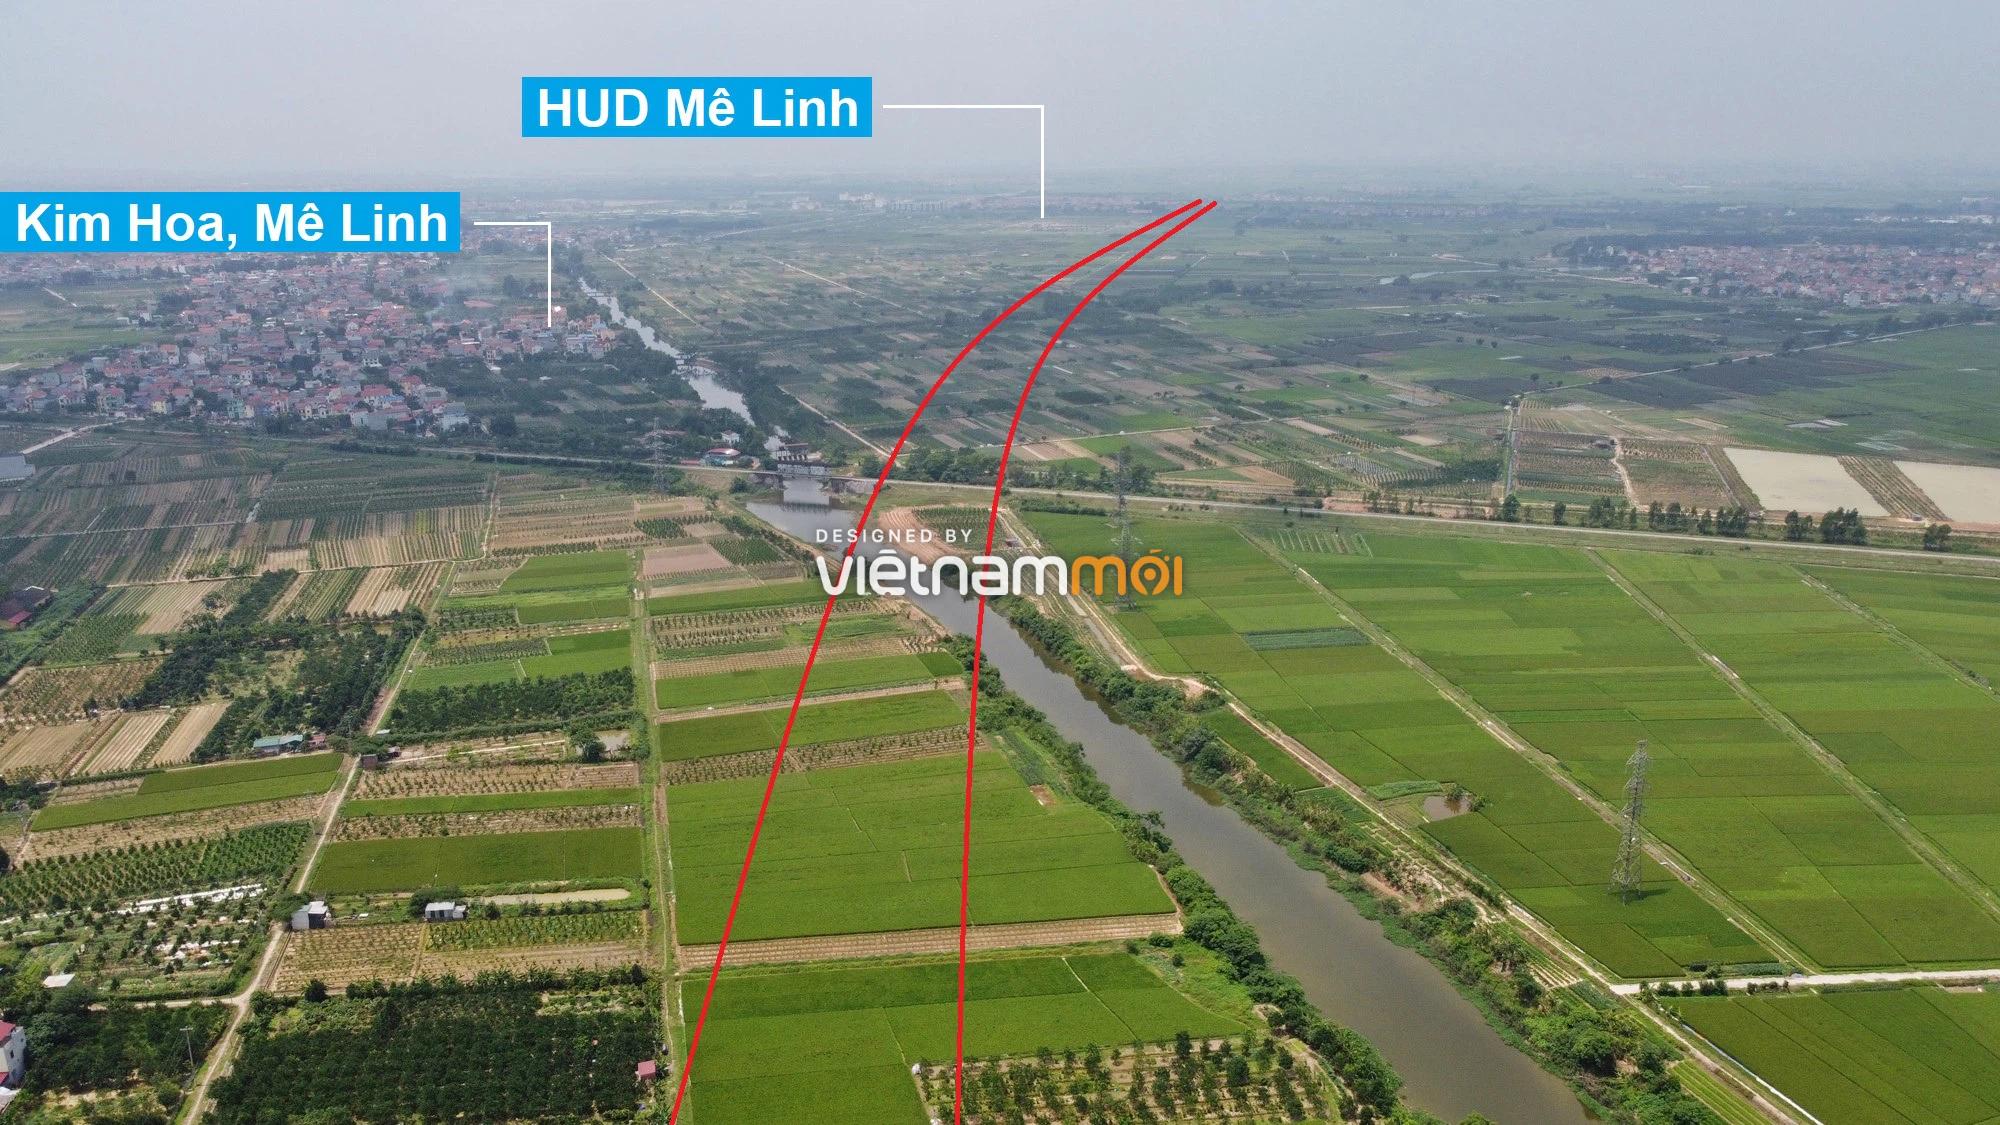 Đường Vành đai 4 sẽ mở theo quy hoạch qua huyện Mê Linh, Hà Nội - Ảnh 12.